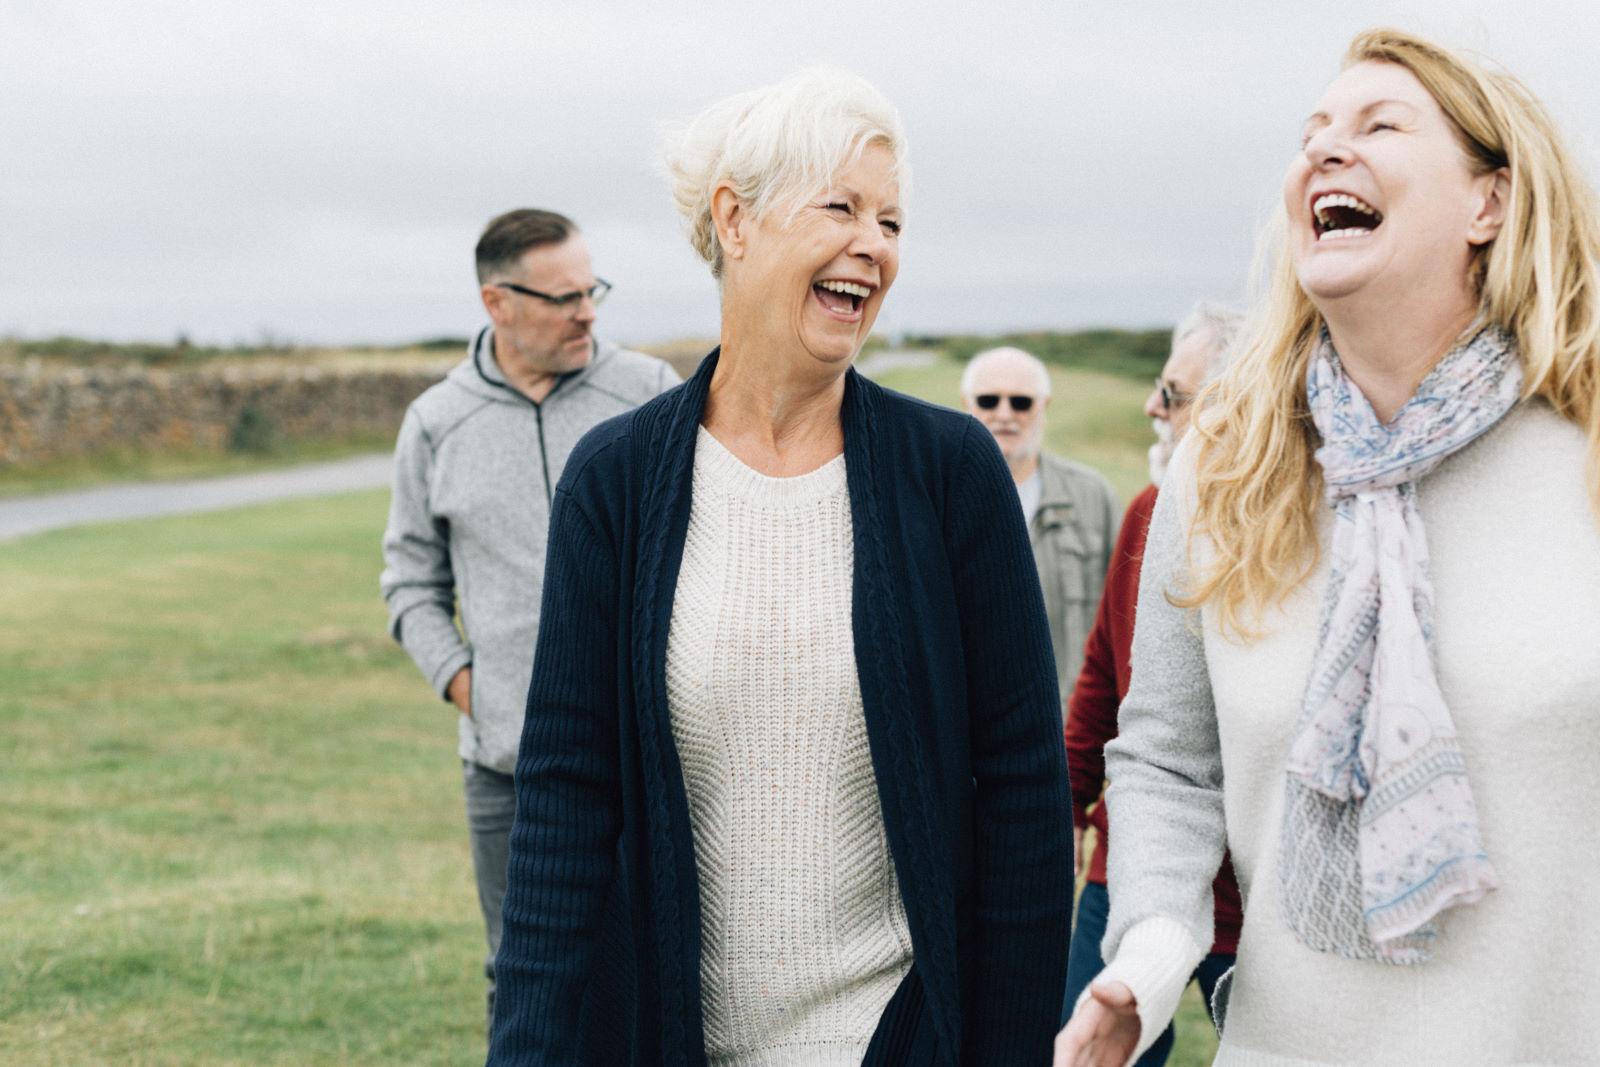 Czym jest menopauza i jak sobie z nią poradzić?